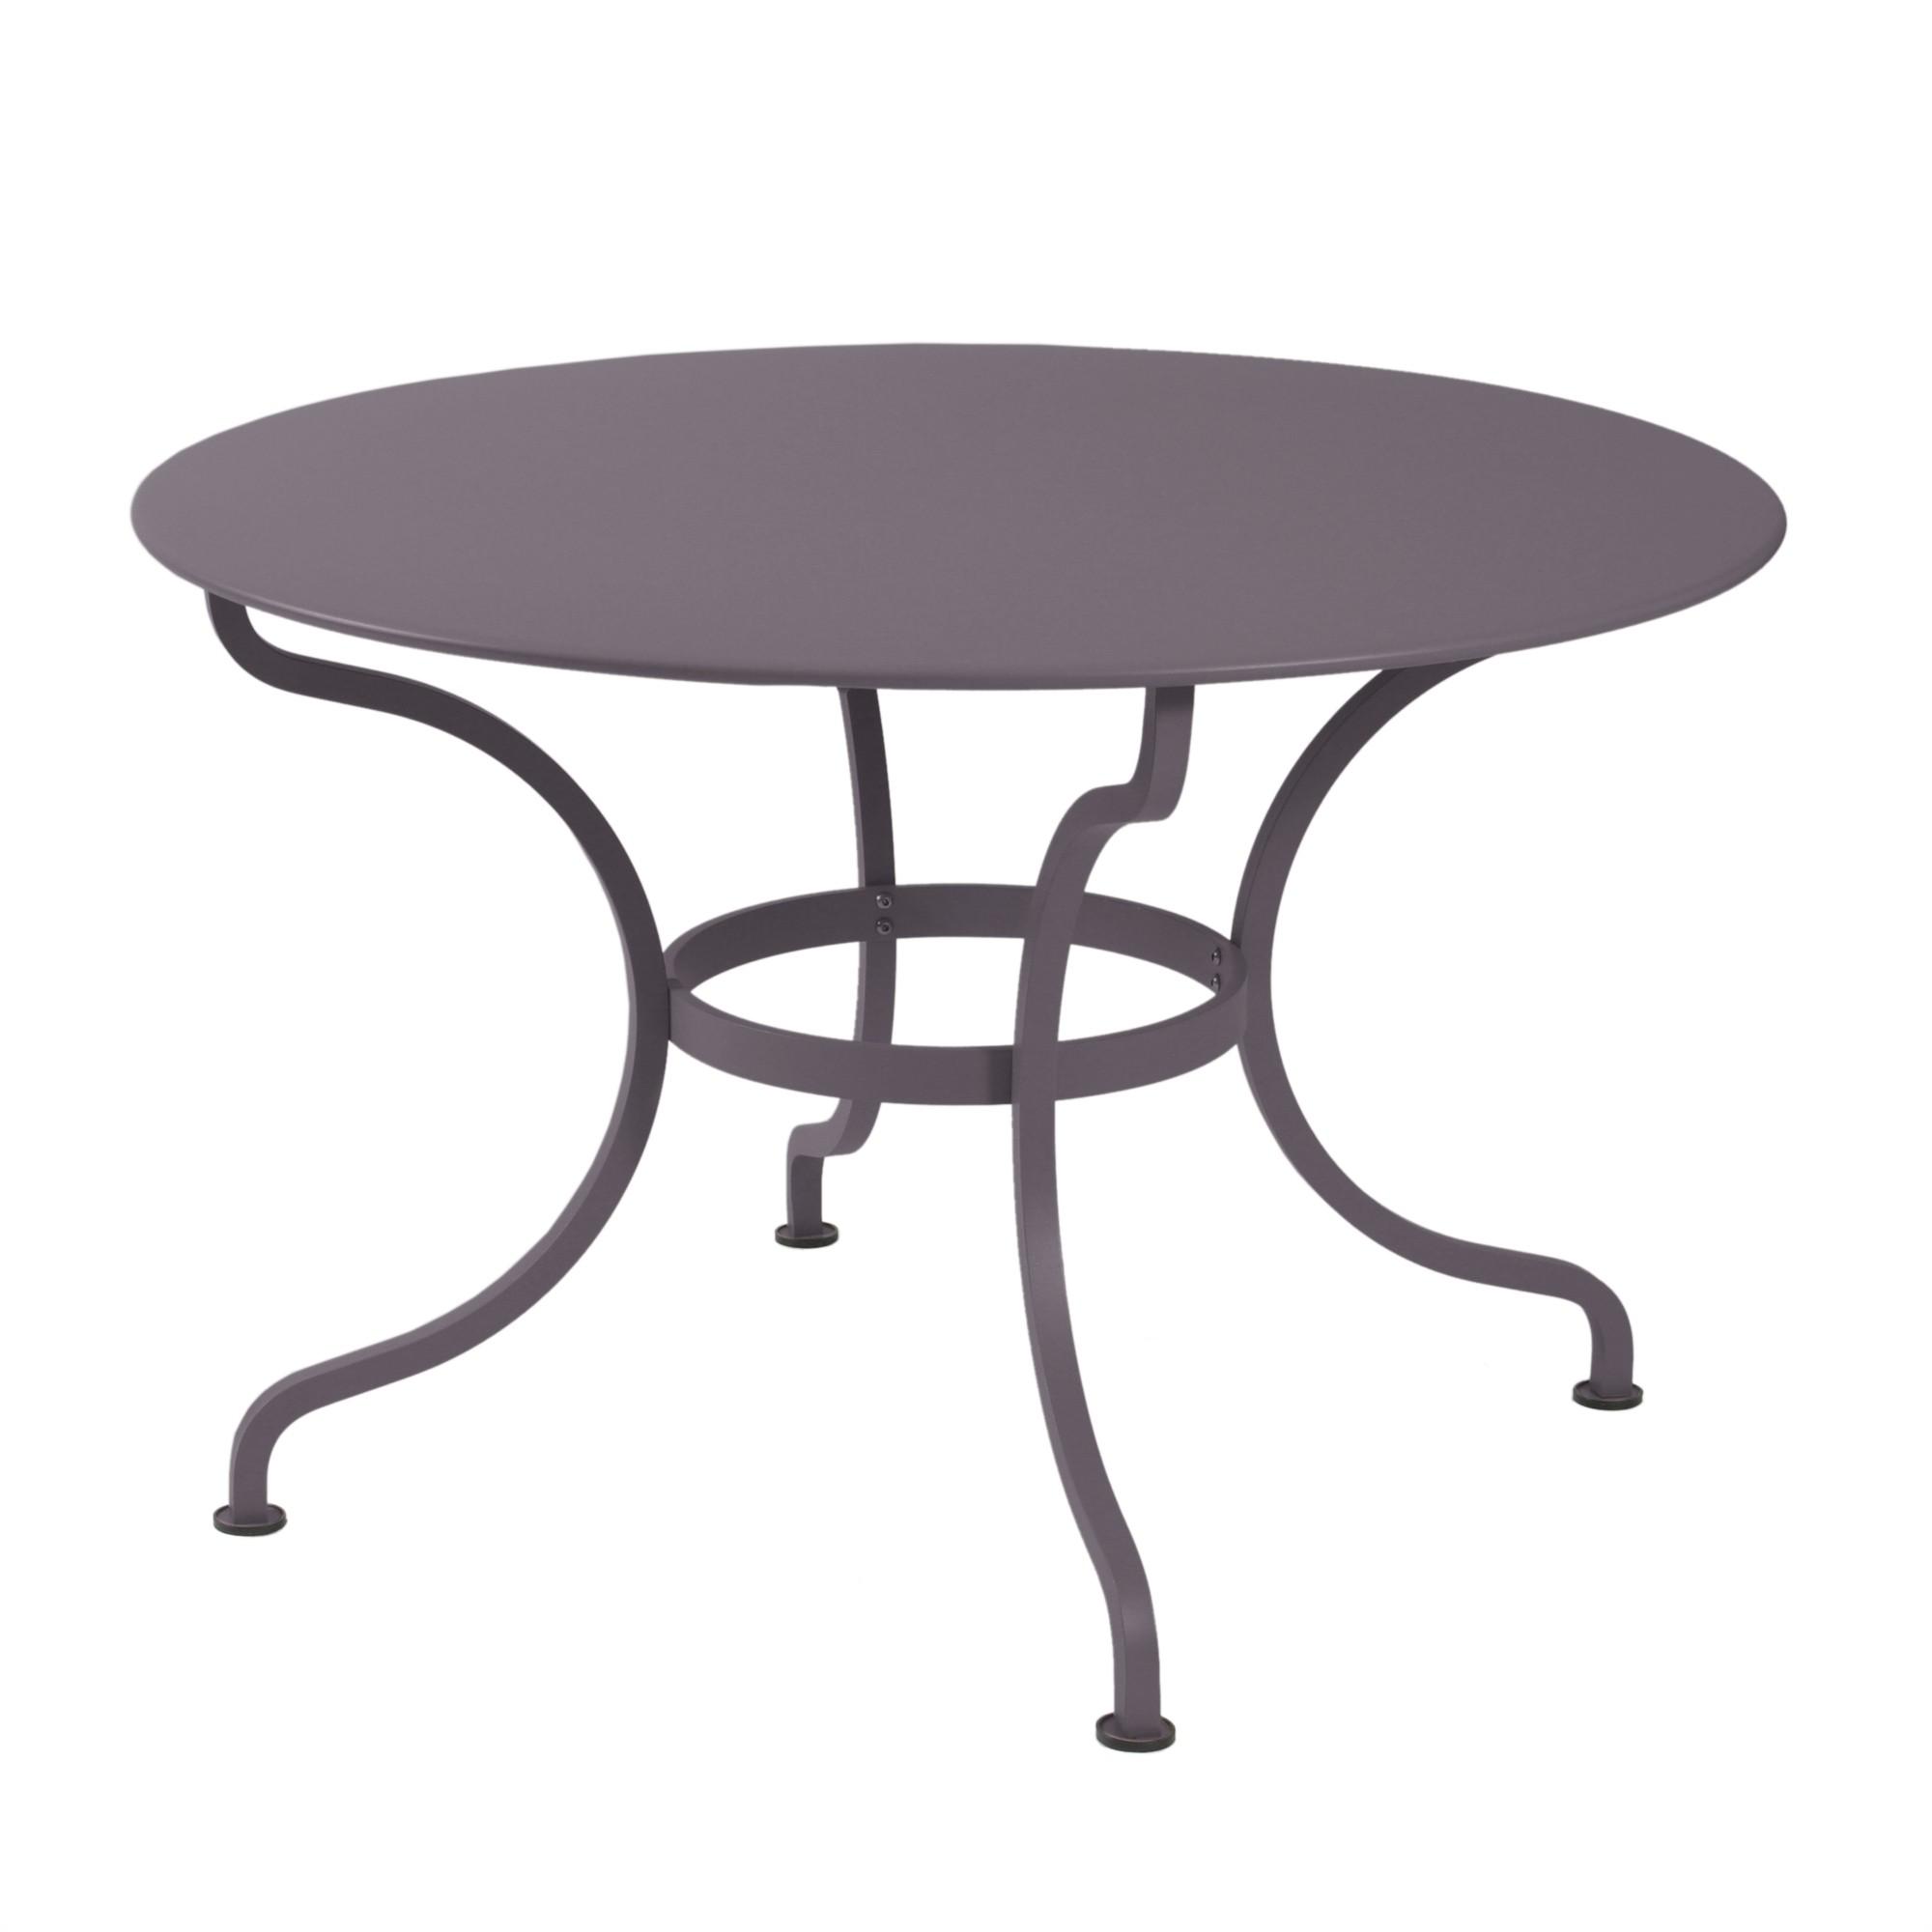 Table ronde ROMANE 117 cm de Fermob 22 coloris